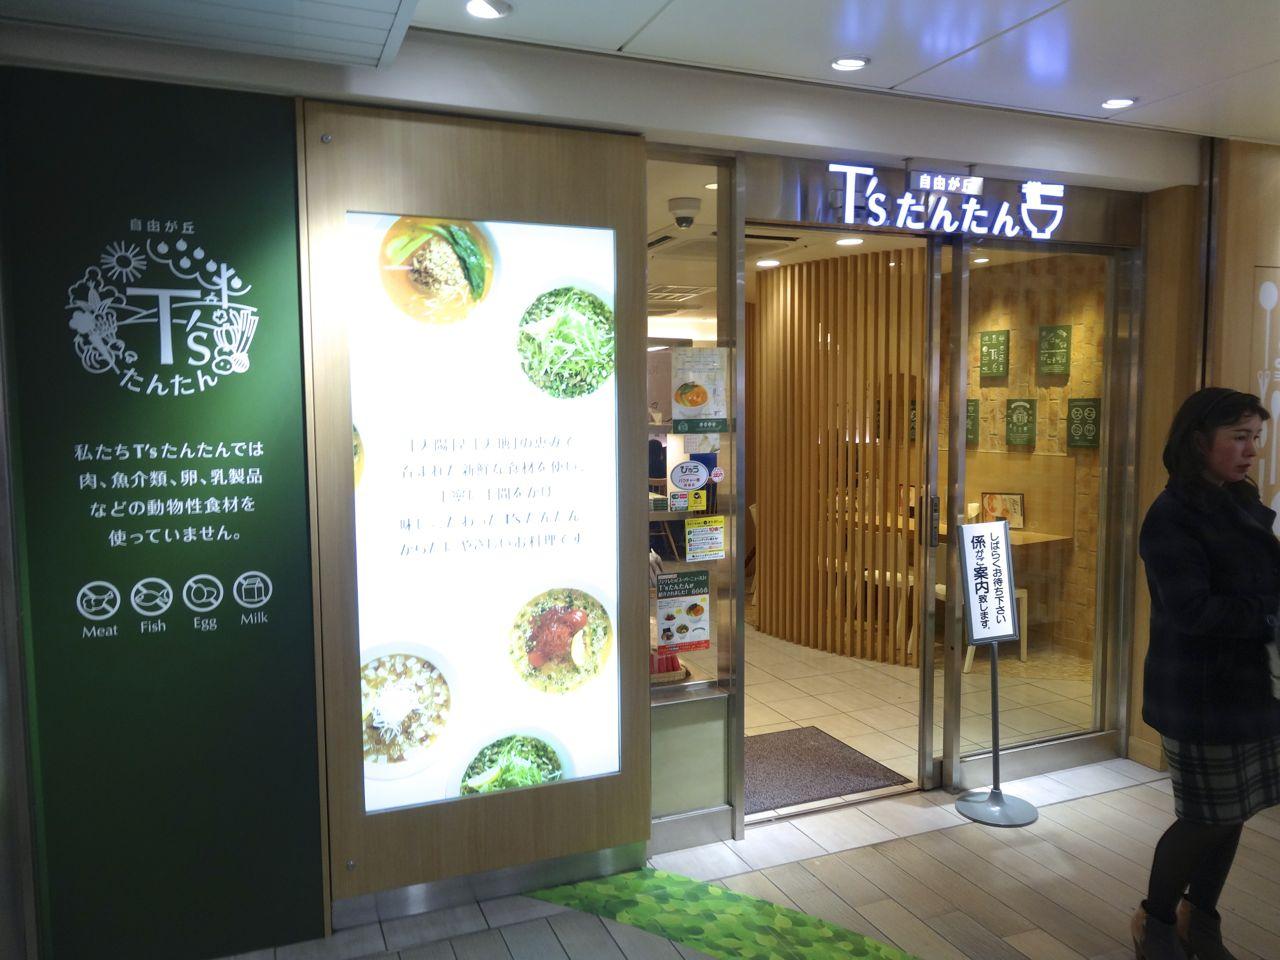 東京駅構内でビーガンラーメン